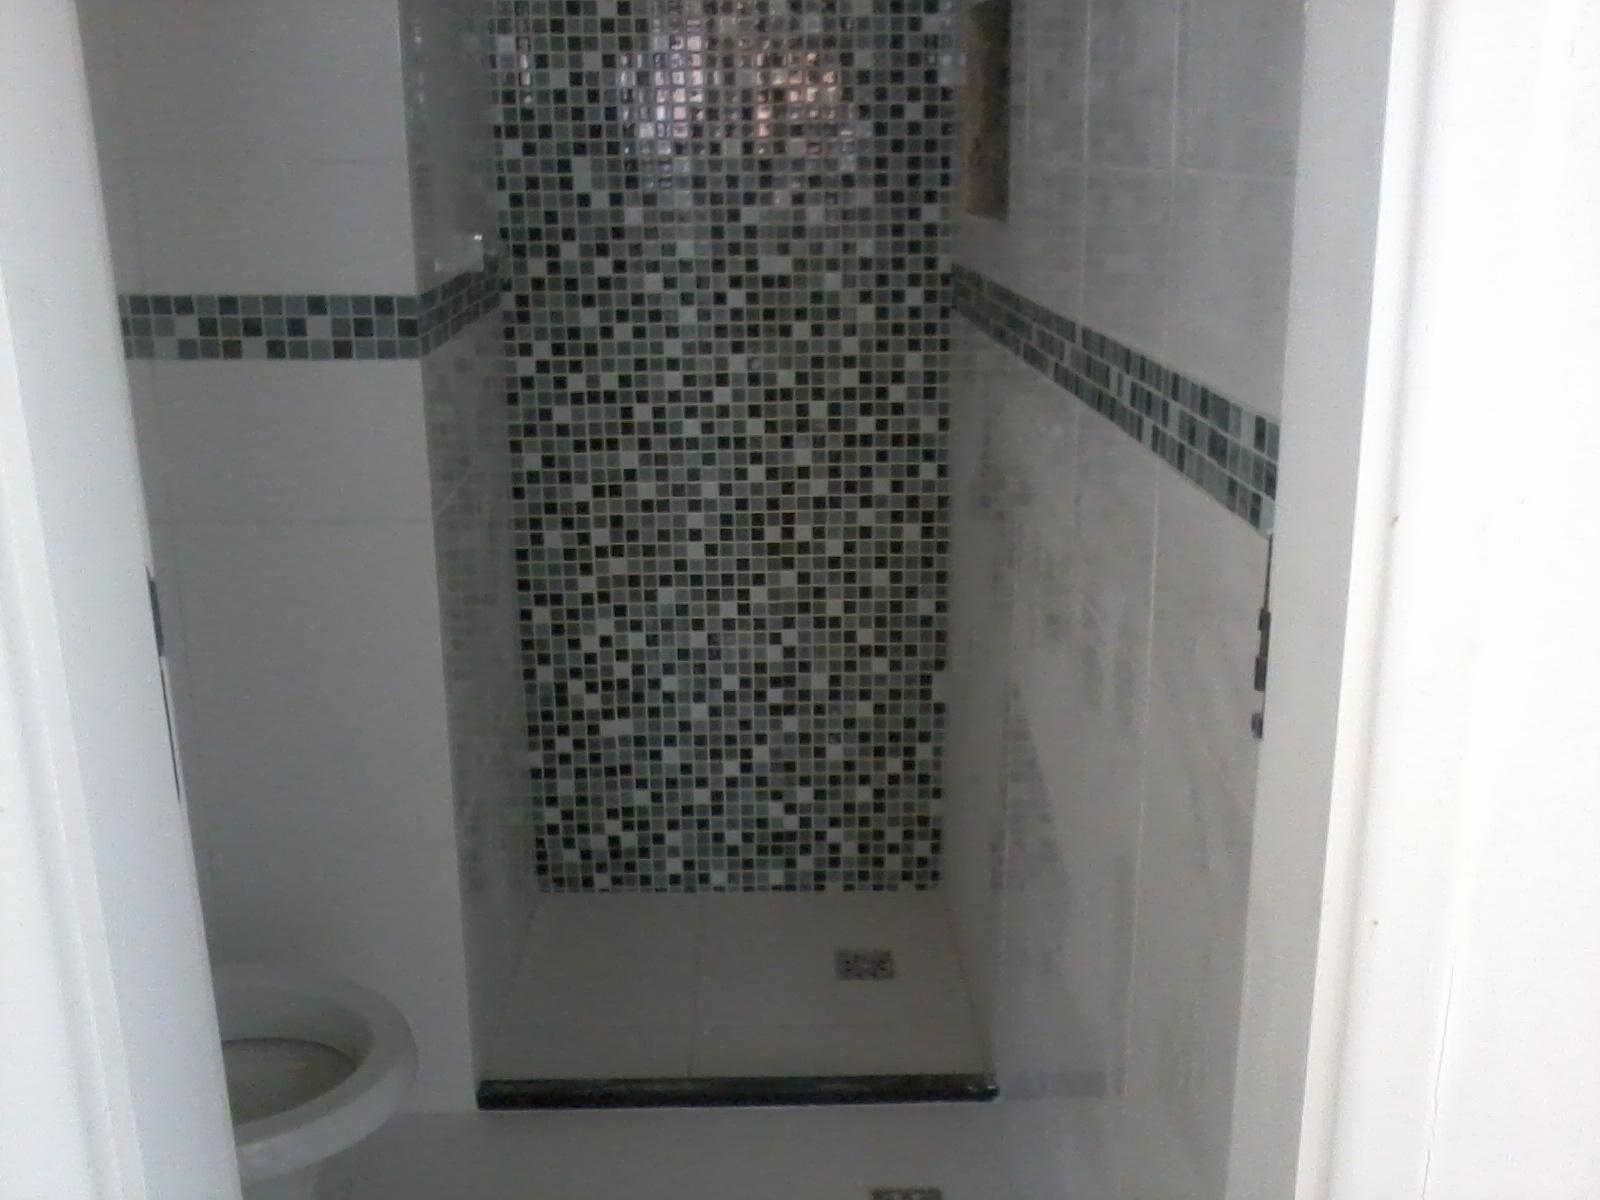 #5F656C revestimento Eliane e o piso fosco também Eliane . E a pastilha  1600x1200 px pastilhas de vidro banheiro eliane